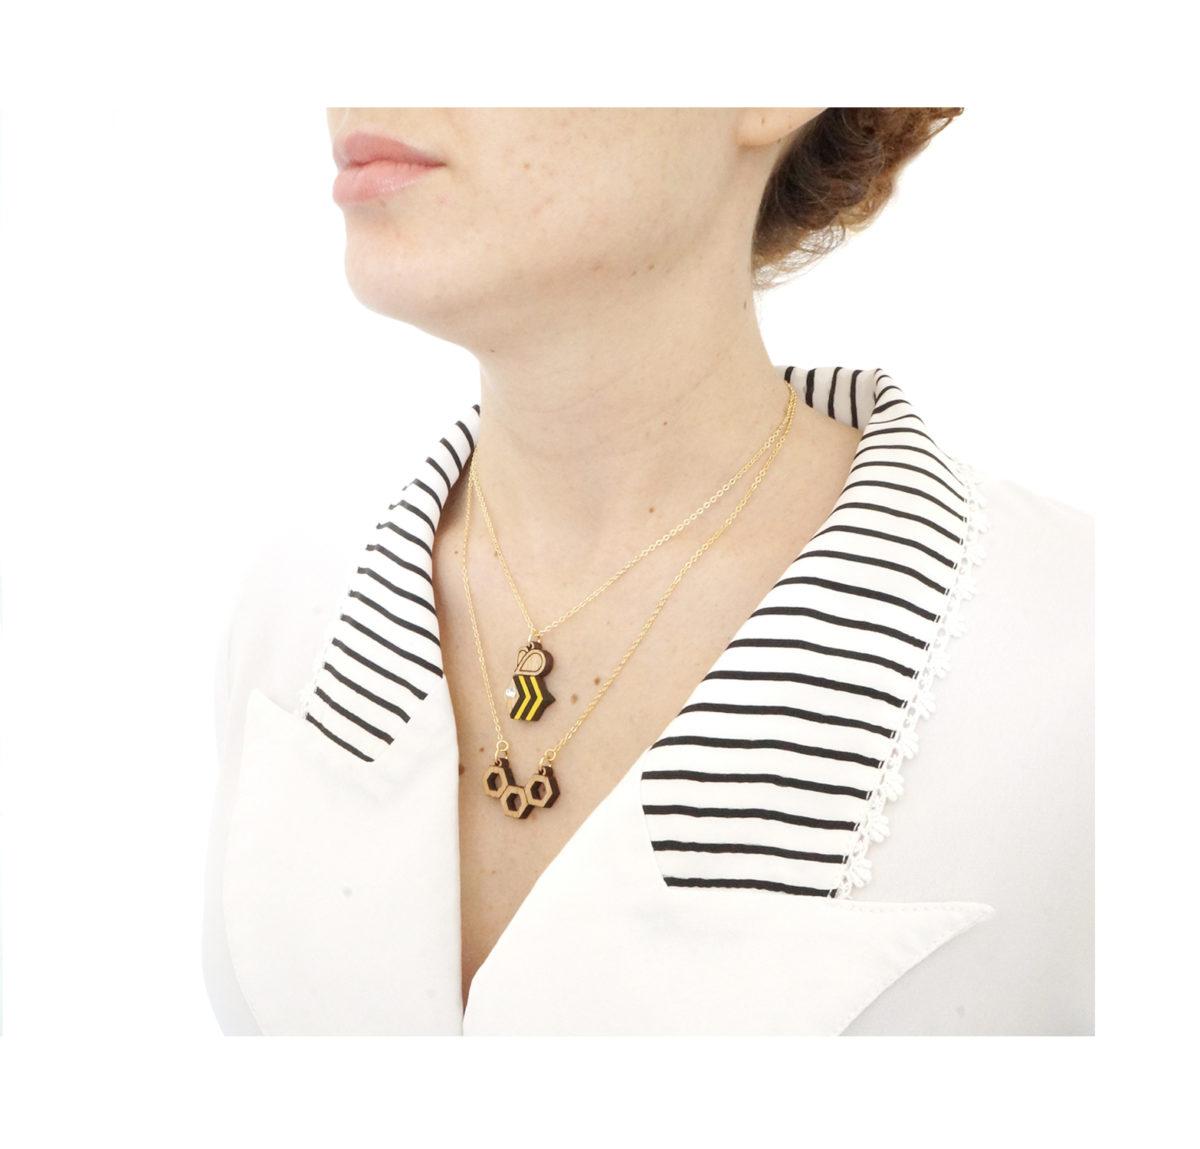 fille avec deux colliers superposés en forme d'abeille et ruche